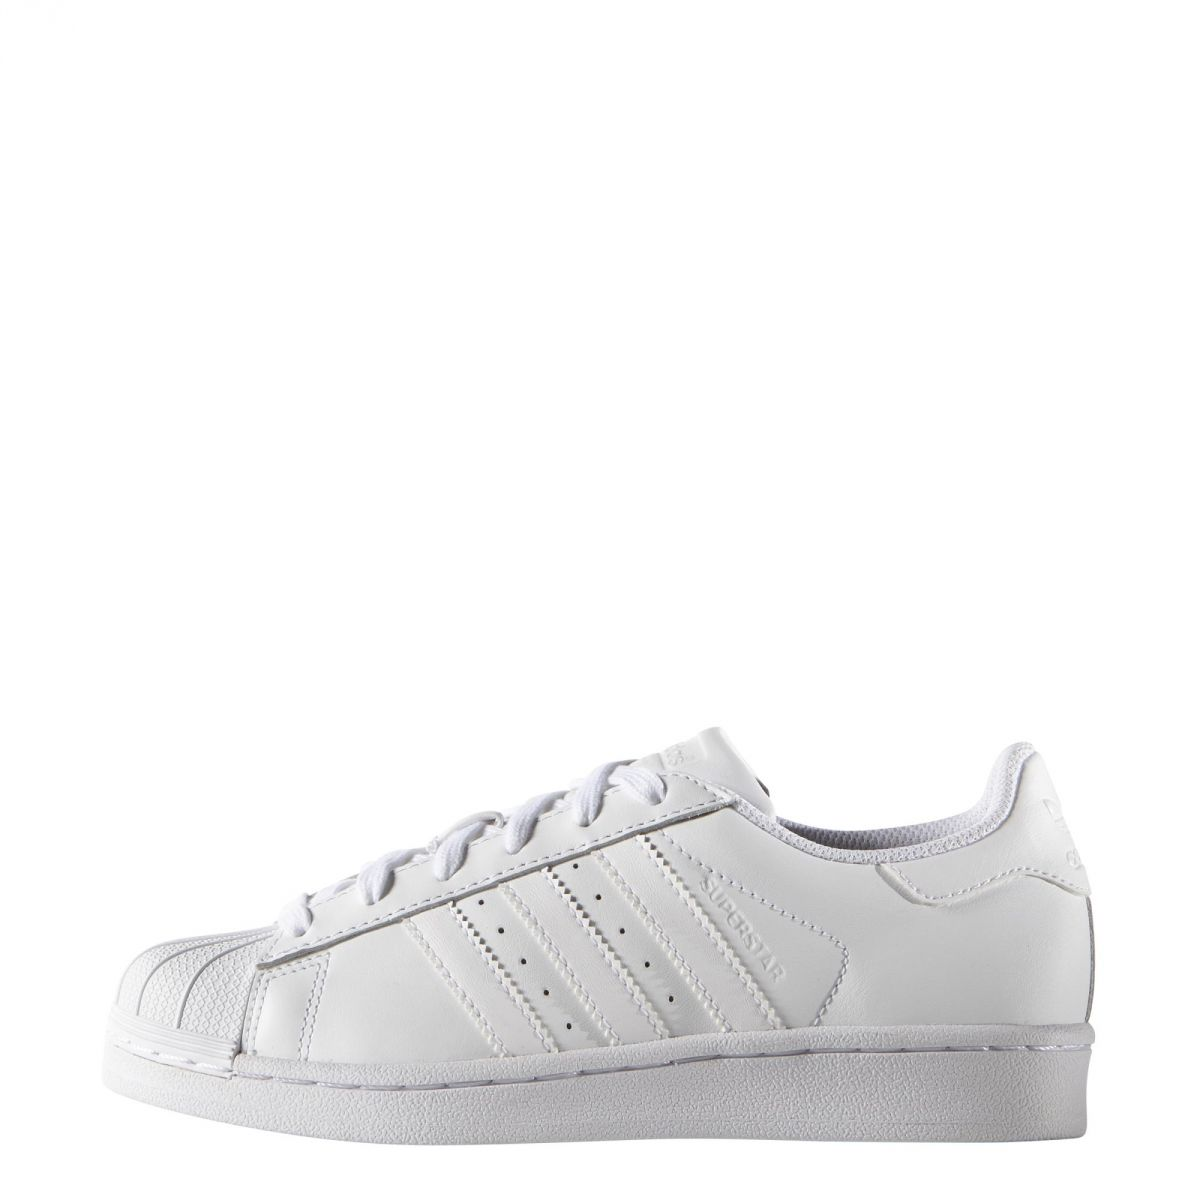 Buty damskie adidas Superstar B23641 r. 38 23 7283606406